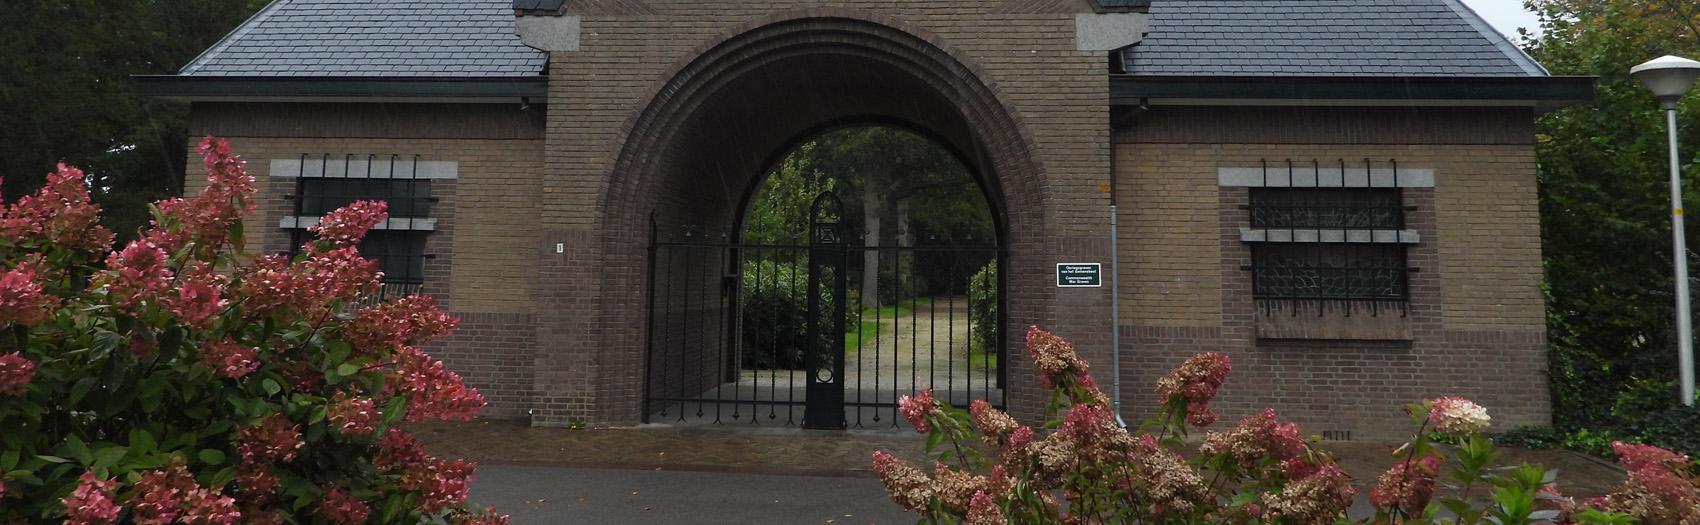 Begraafplaatsen Diepenveen In en rond het dorp Diepenveen zijn op meerdere plaatsen graven te vinden. De oudste graven liggen in en om de kerk. Tot 1870 werd op het Kerkplein begraven. Vanaf 1871 wordt op de Begraafplaats aan de Roeterdsweg begraven en vanaf 1975 is de Tjoenerhof als begraafplaats in gebruik. Op dit moment kan op de Roeterdsweg alleen nog in een reeds gekocht graf bijgezet worden.